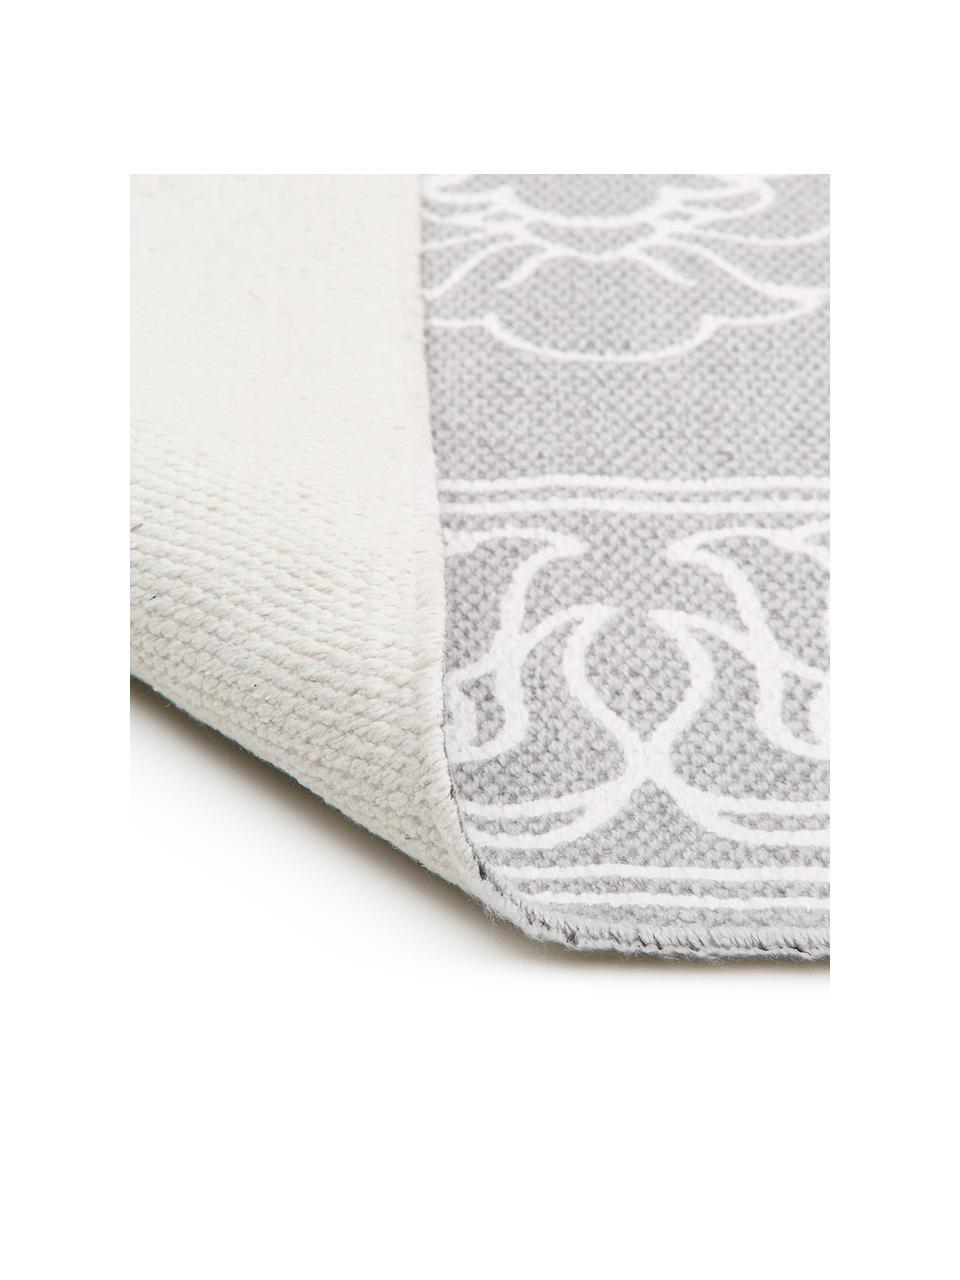 Tapis bohème gris clair et blanc tissé main Salima, Gris clair, blanc crème